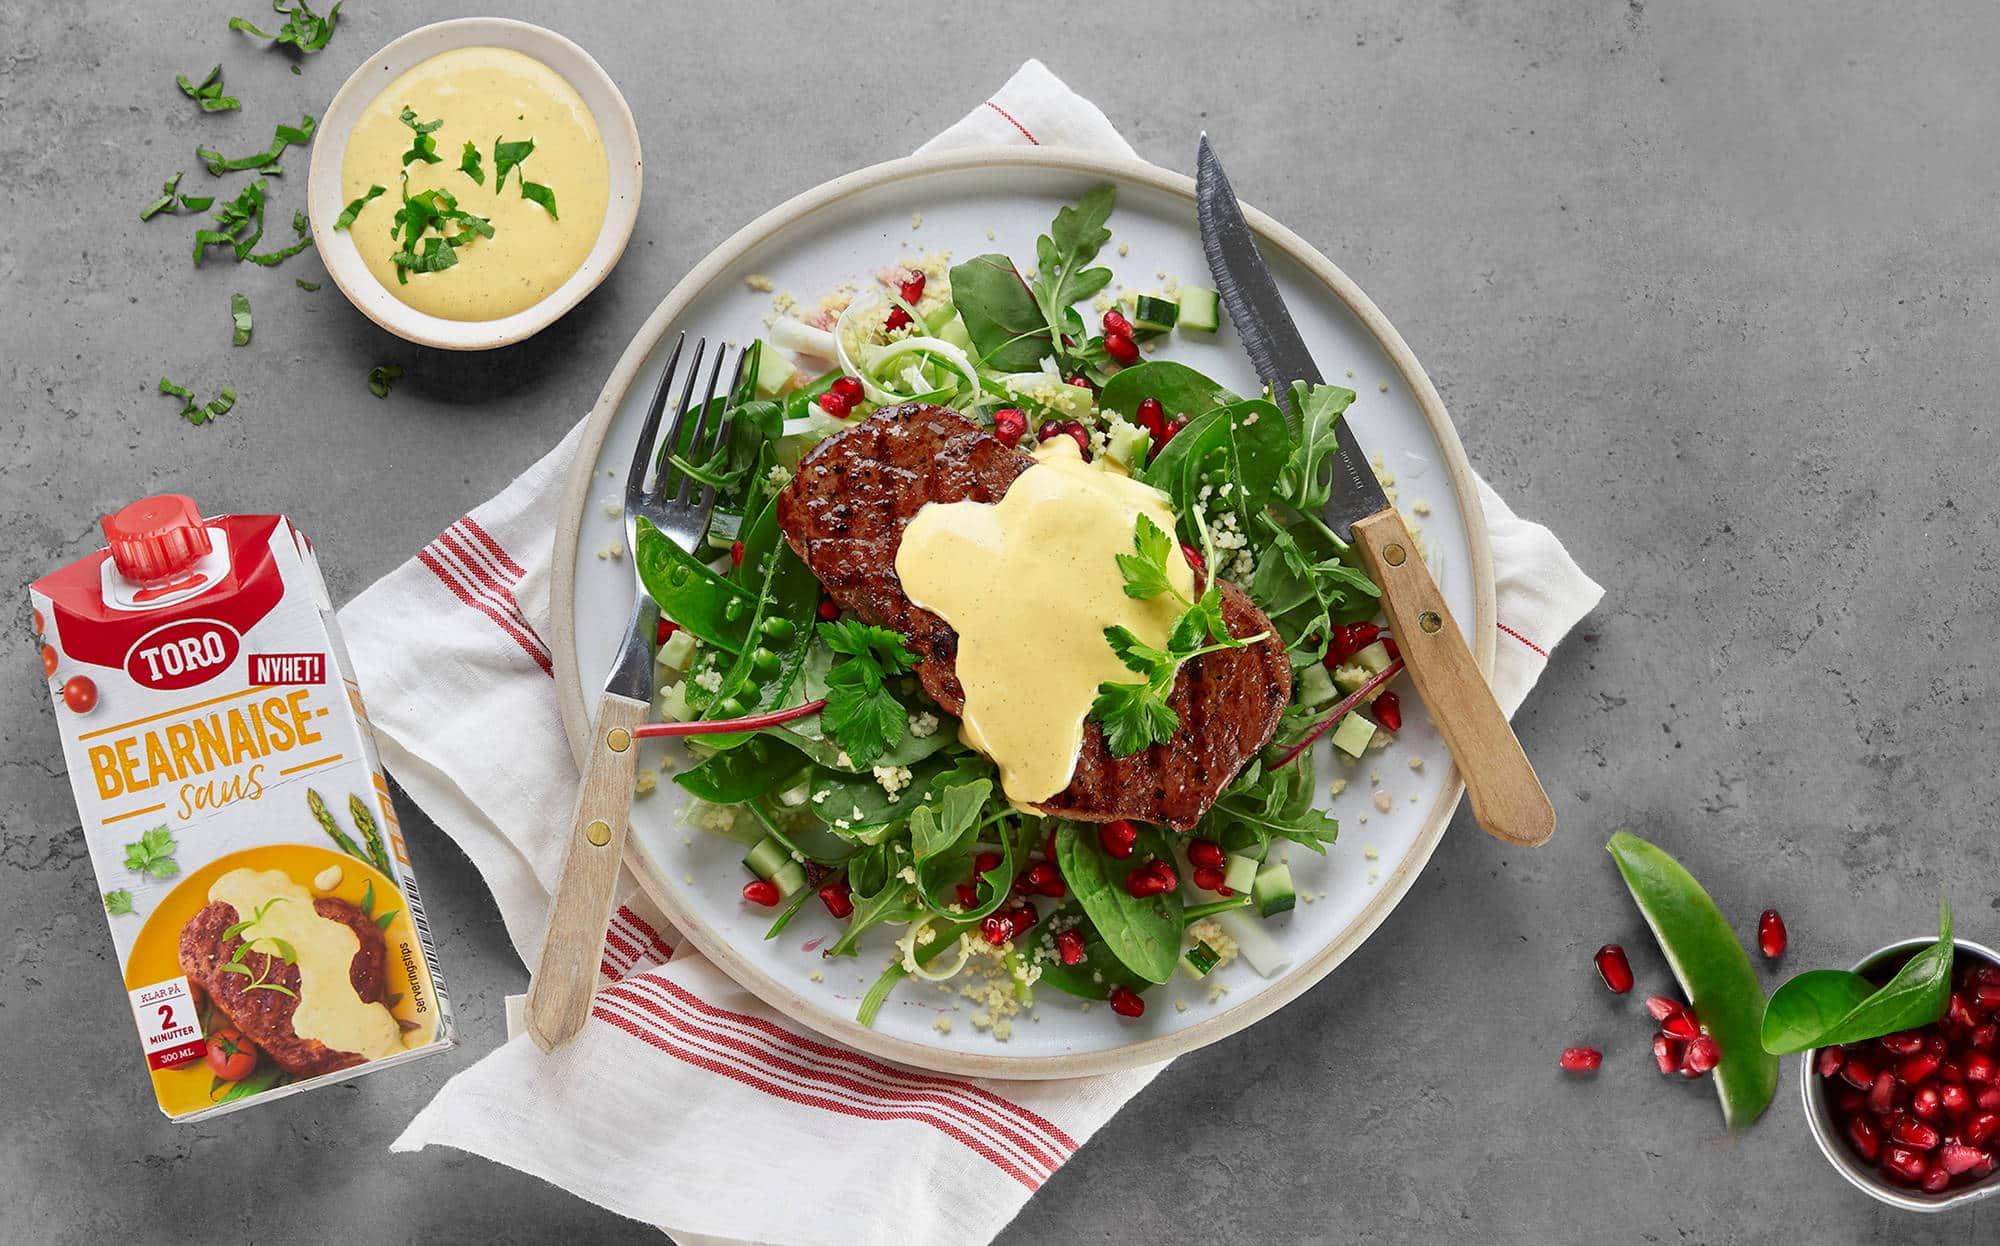 bilde av biff med salat og bearnaisesaus